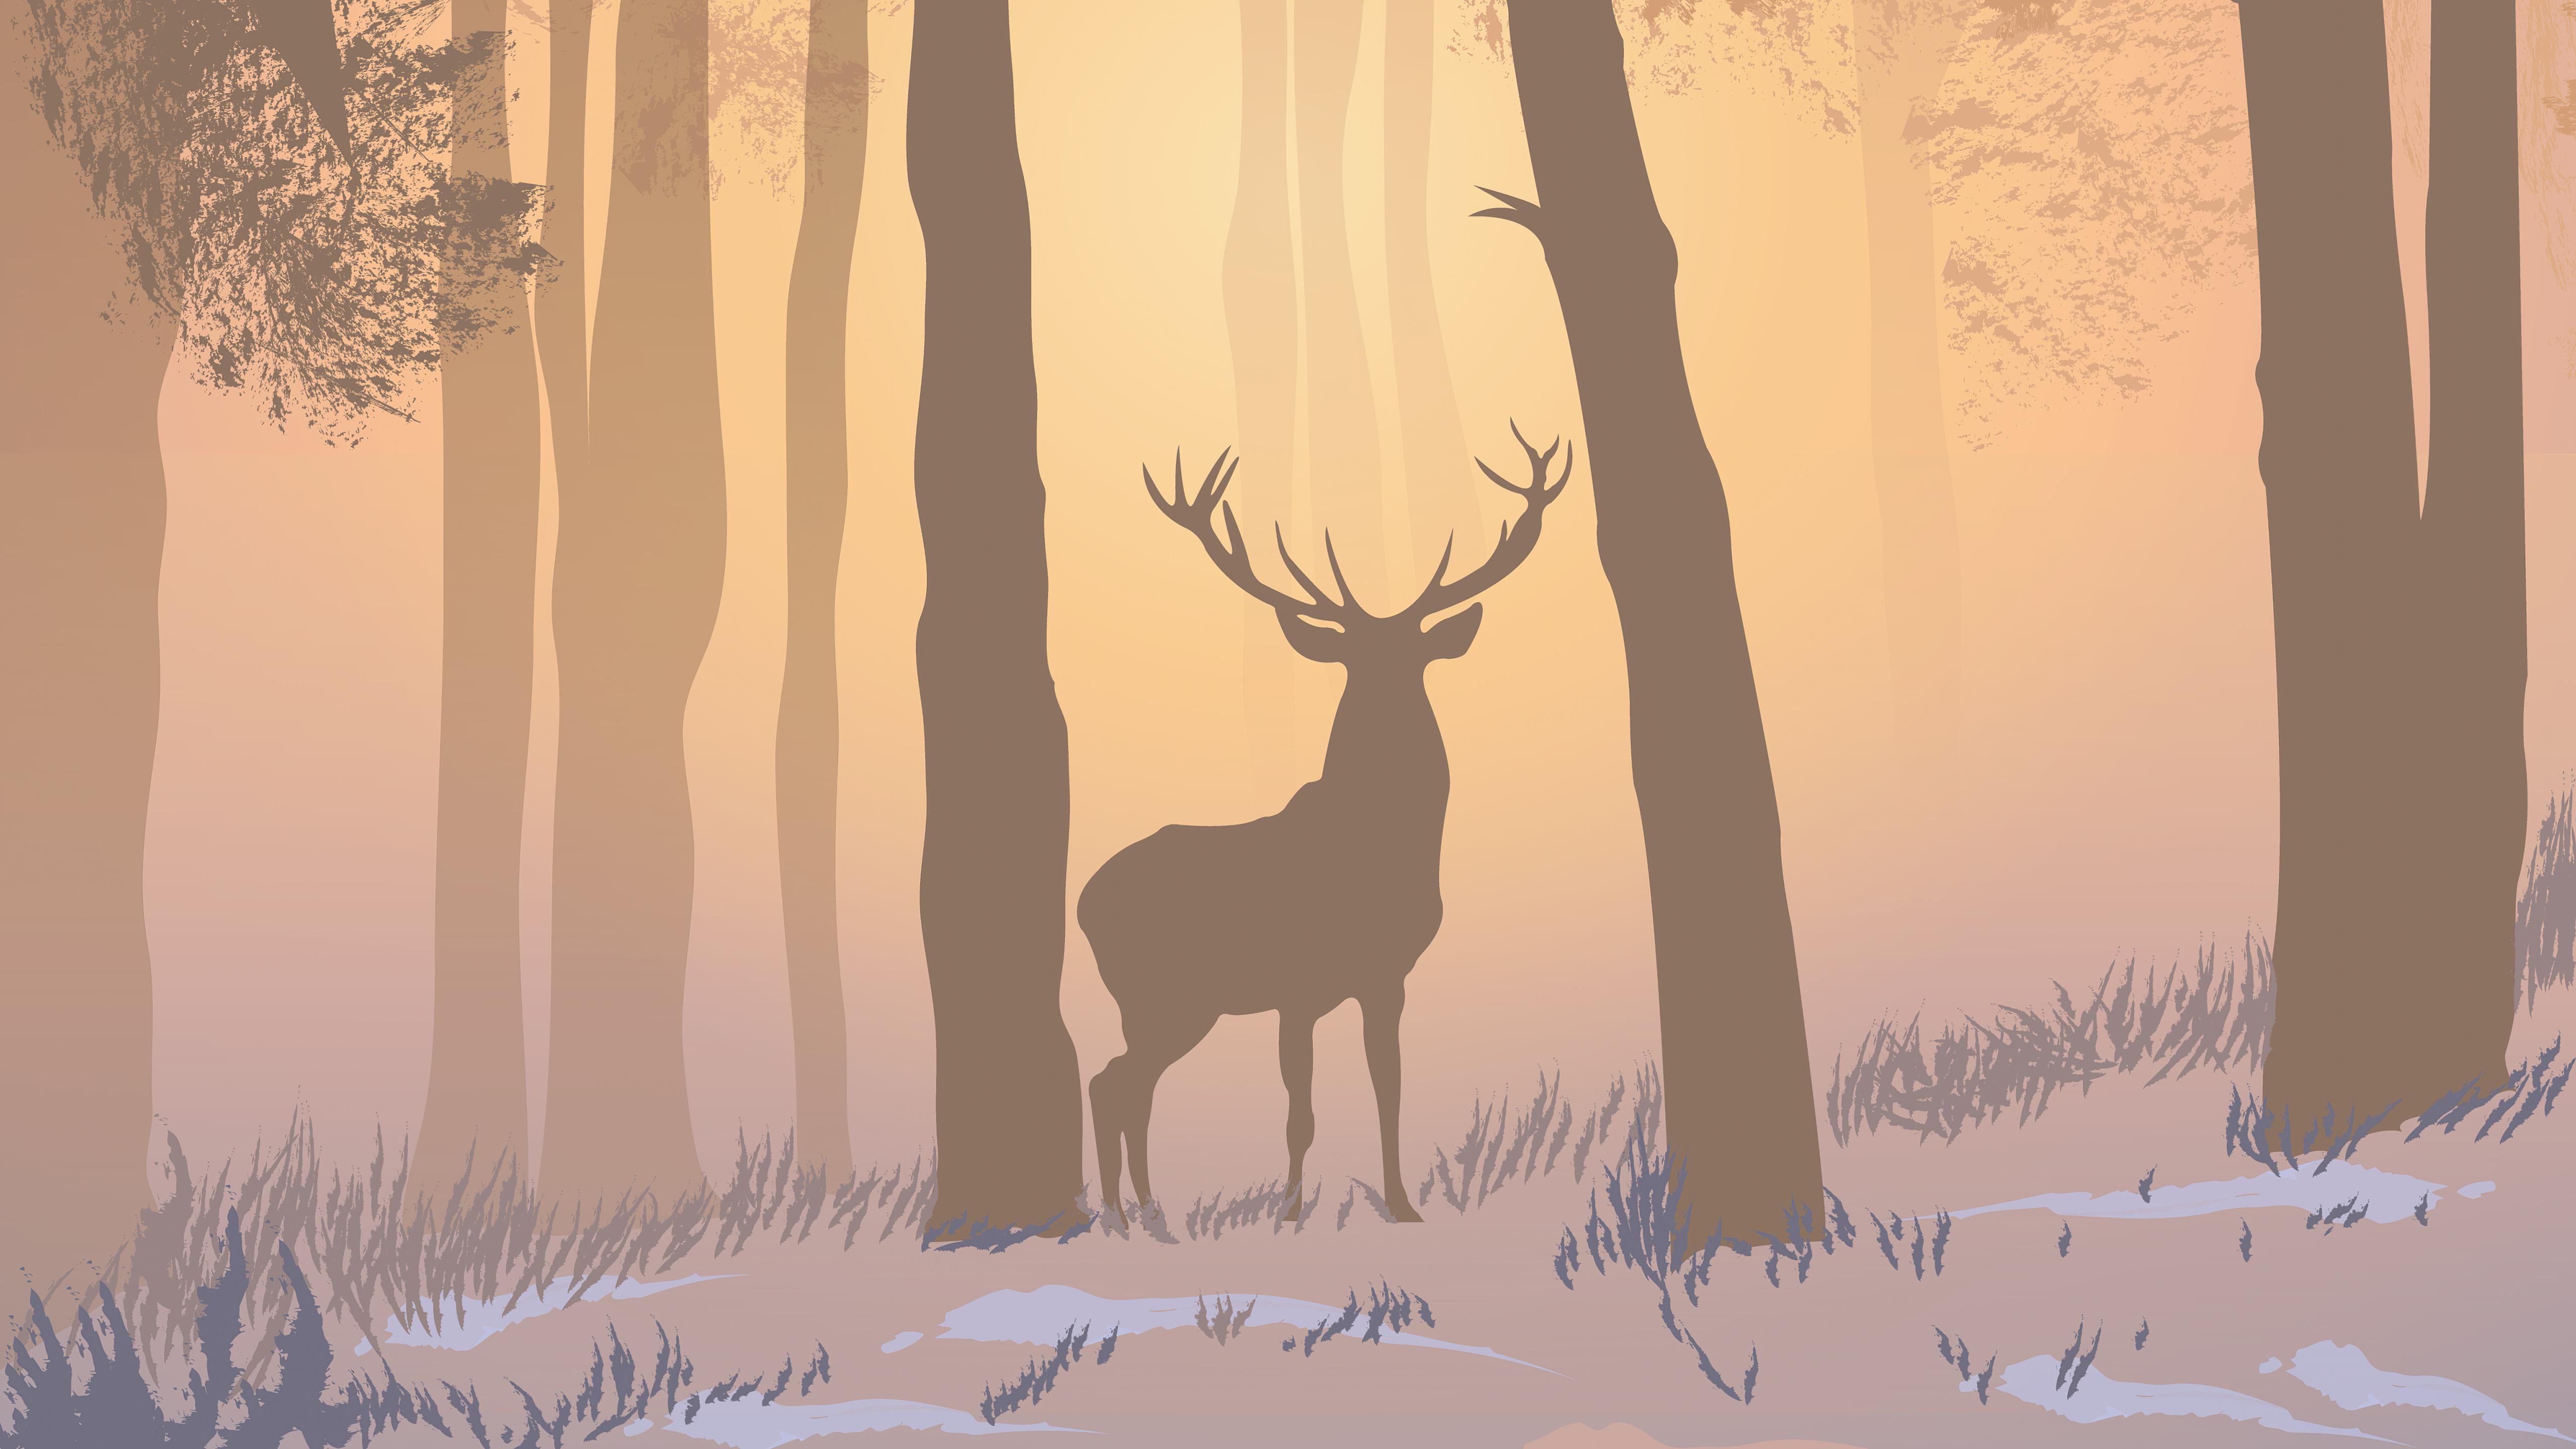 reinnder forest foggy morning 4k 1618133576 - Reinnder Forest Foggy Morning 4k - Reinnder Forest Foggy Morning 4k wallpapers